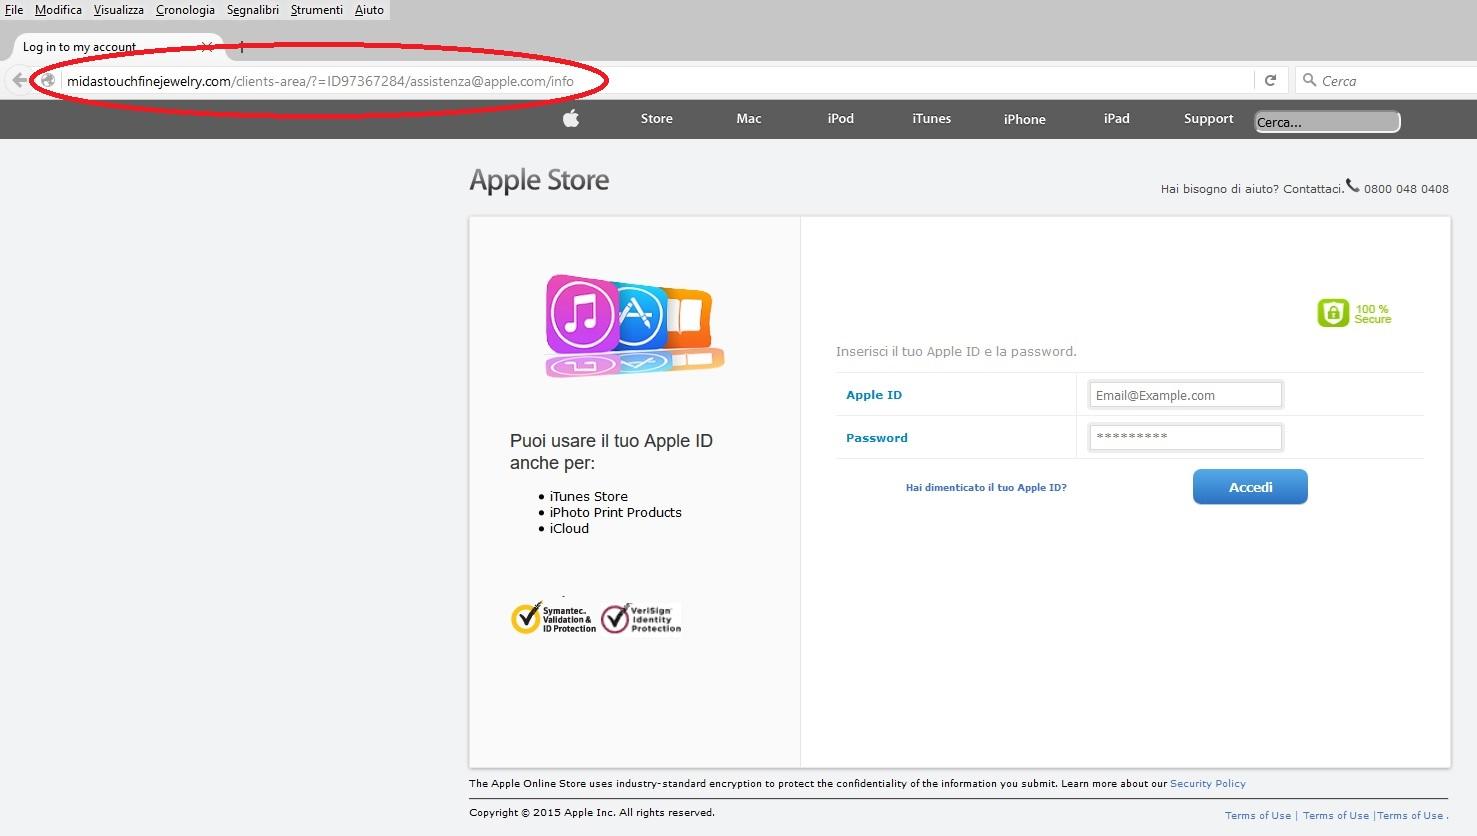 Clicca per ingrandire l'immagine della Falsa pagina di Accesso all'APPLE Store